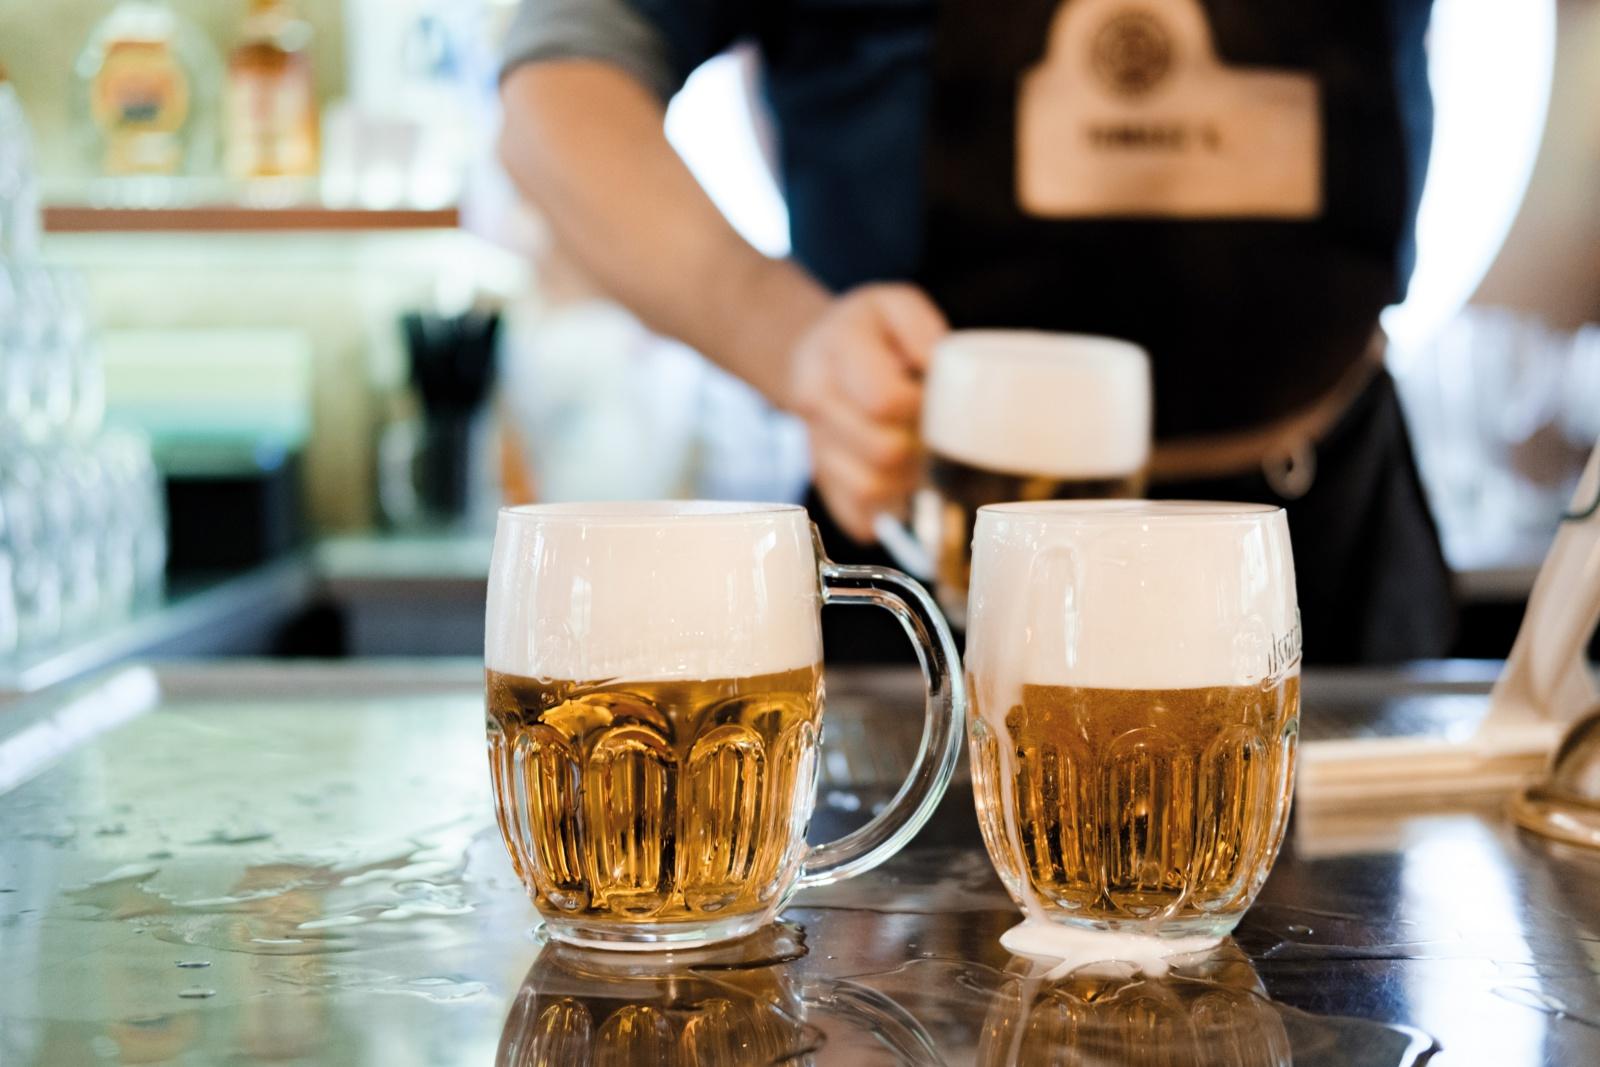 Prazdroji se daří, loni prodal v zahraničí rekordních 4,3 milionu  hektolitrů piv | Prazdroj